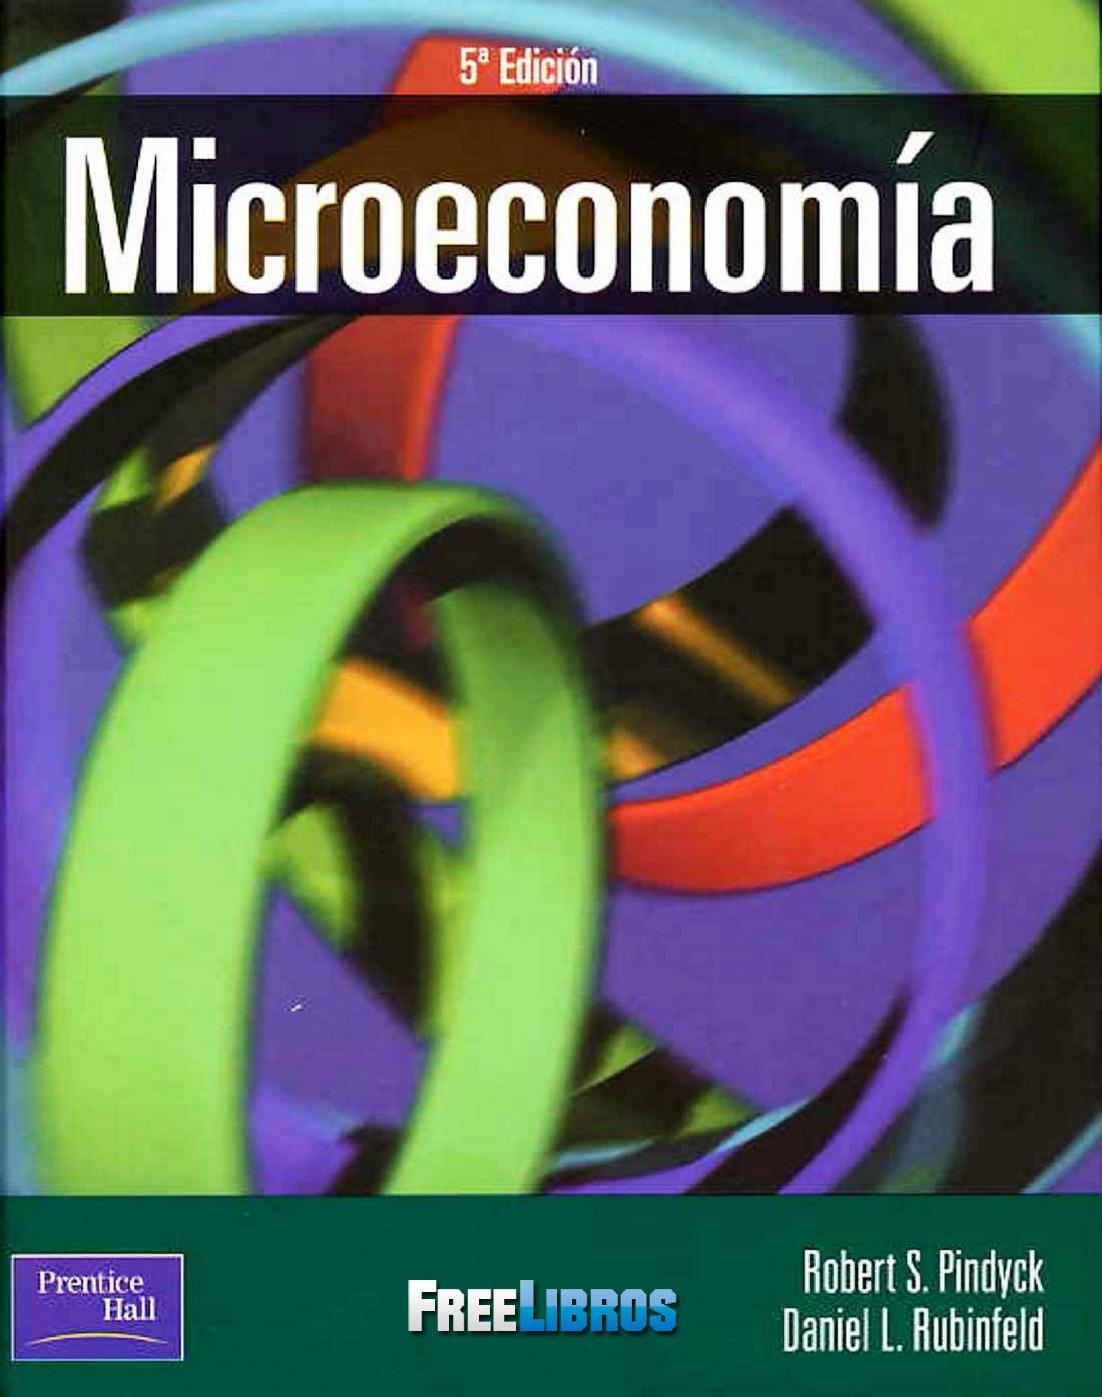 Microeconomía, 5ta Edición – Robert S. Pindyck